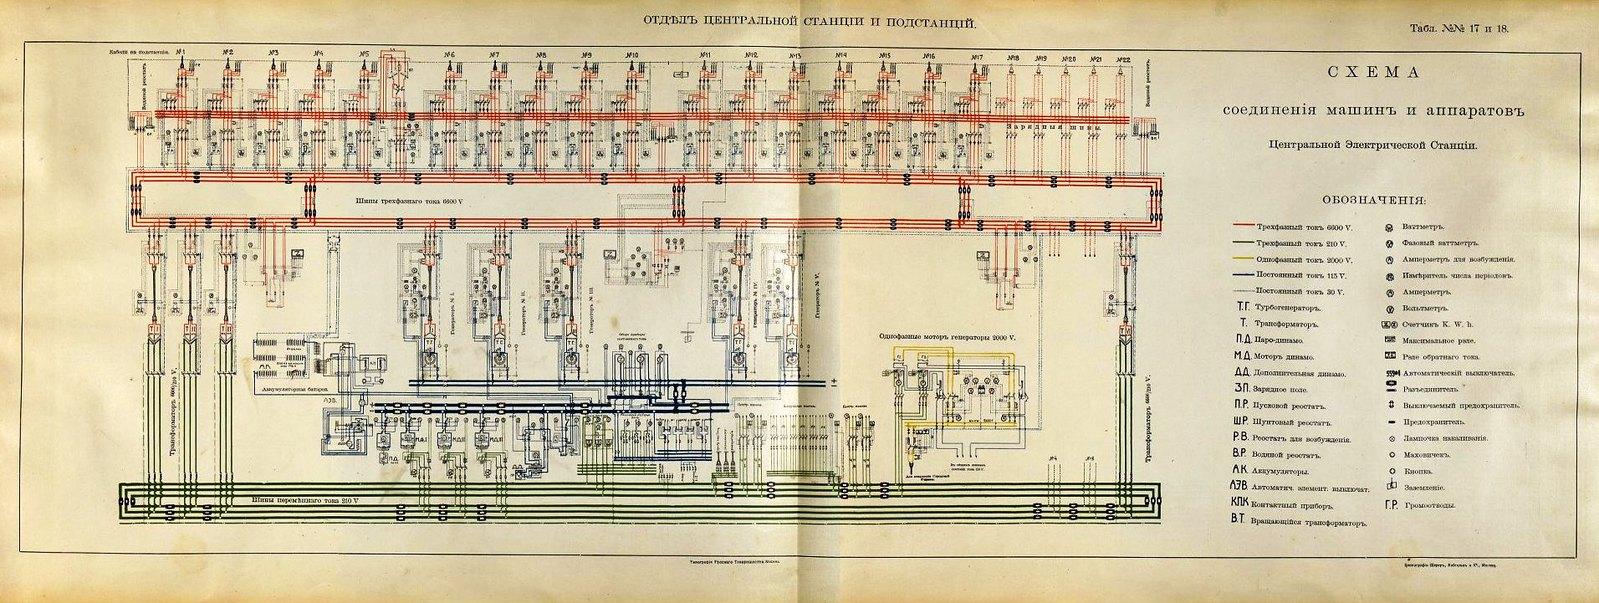 19. Центральная электрическая станция. Схема соединения машин и аппаратов